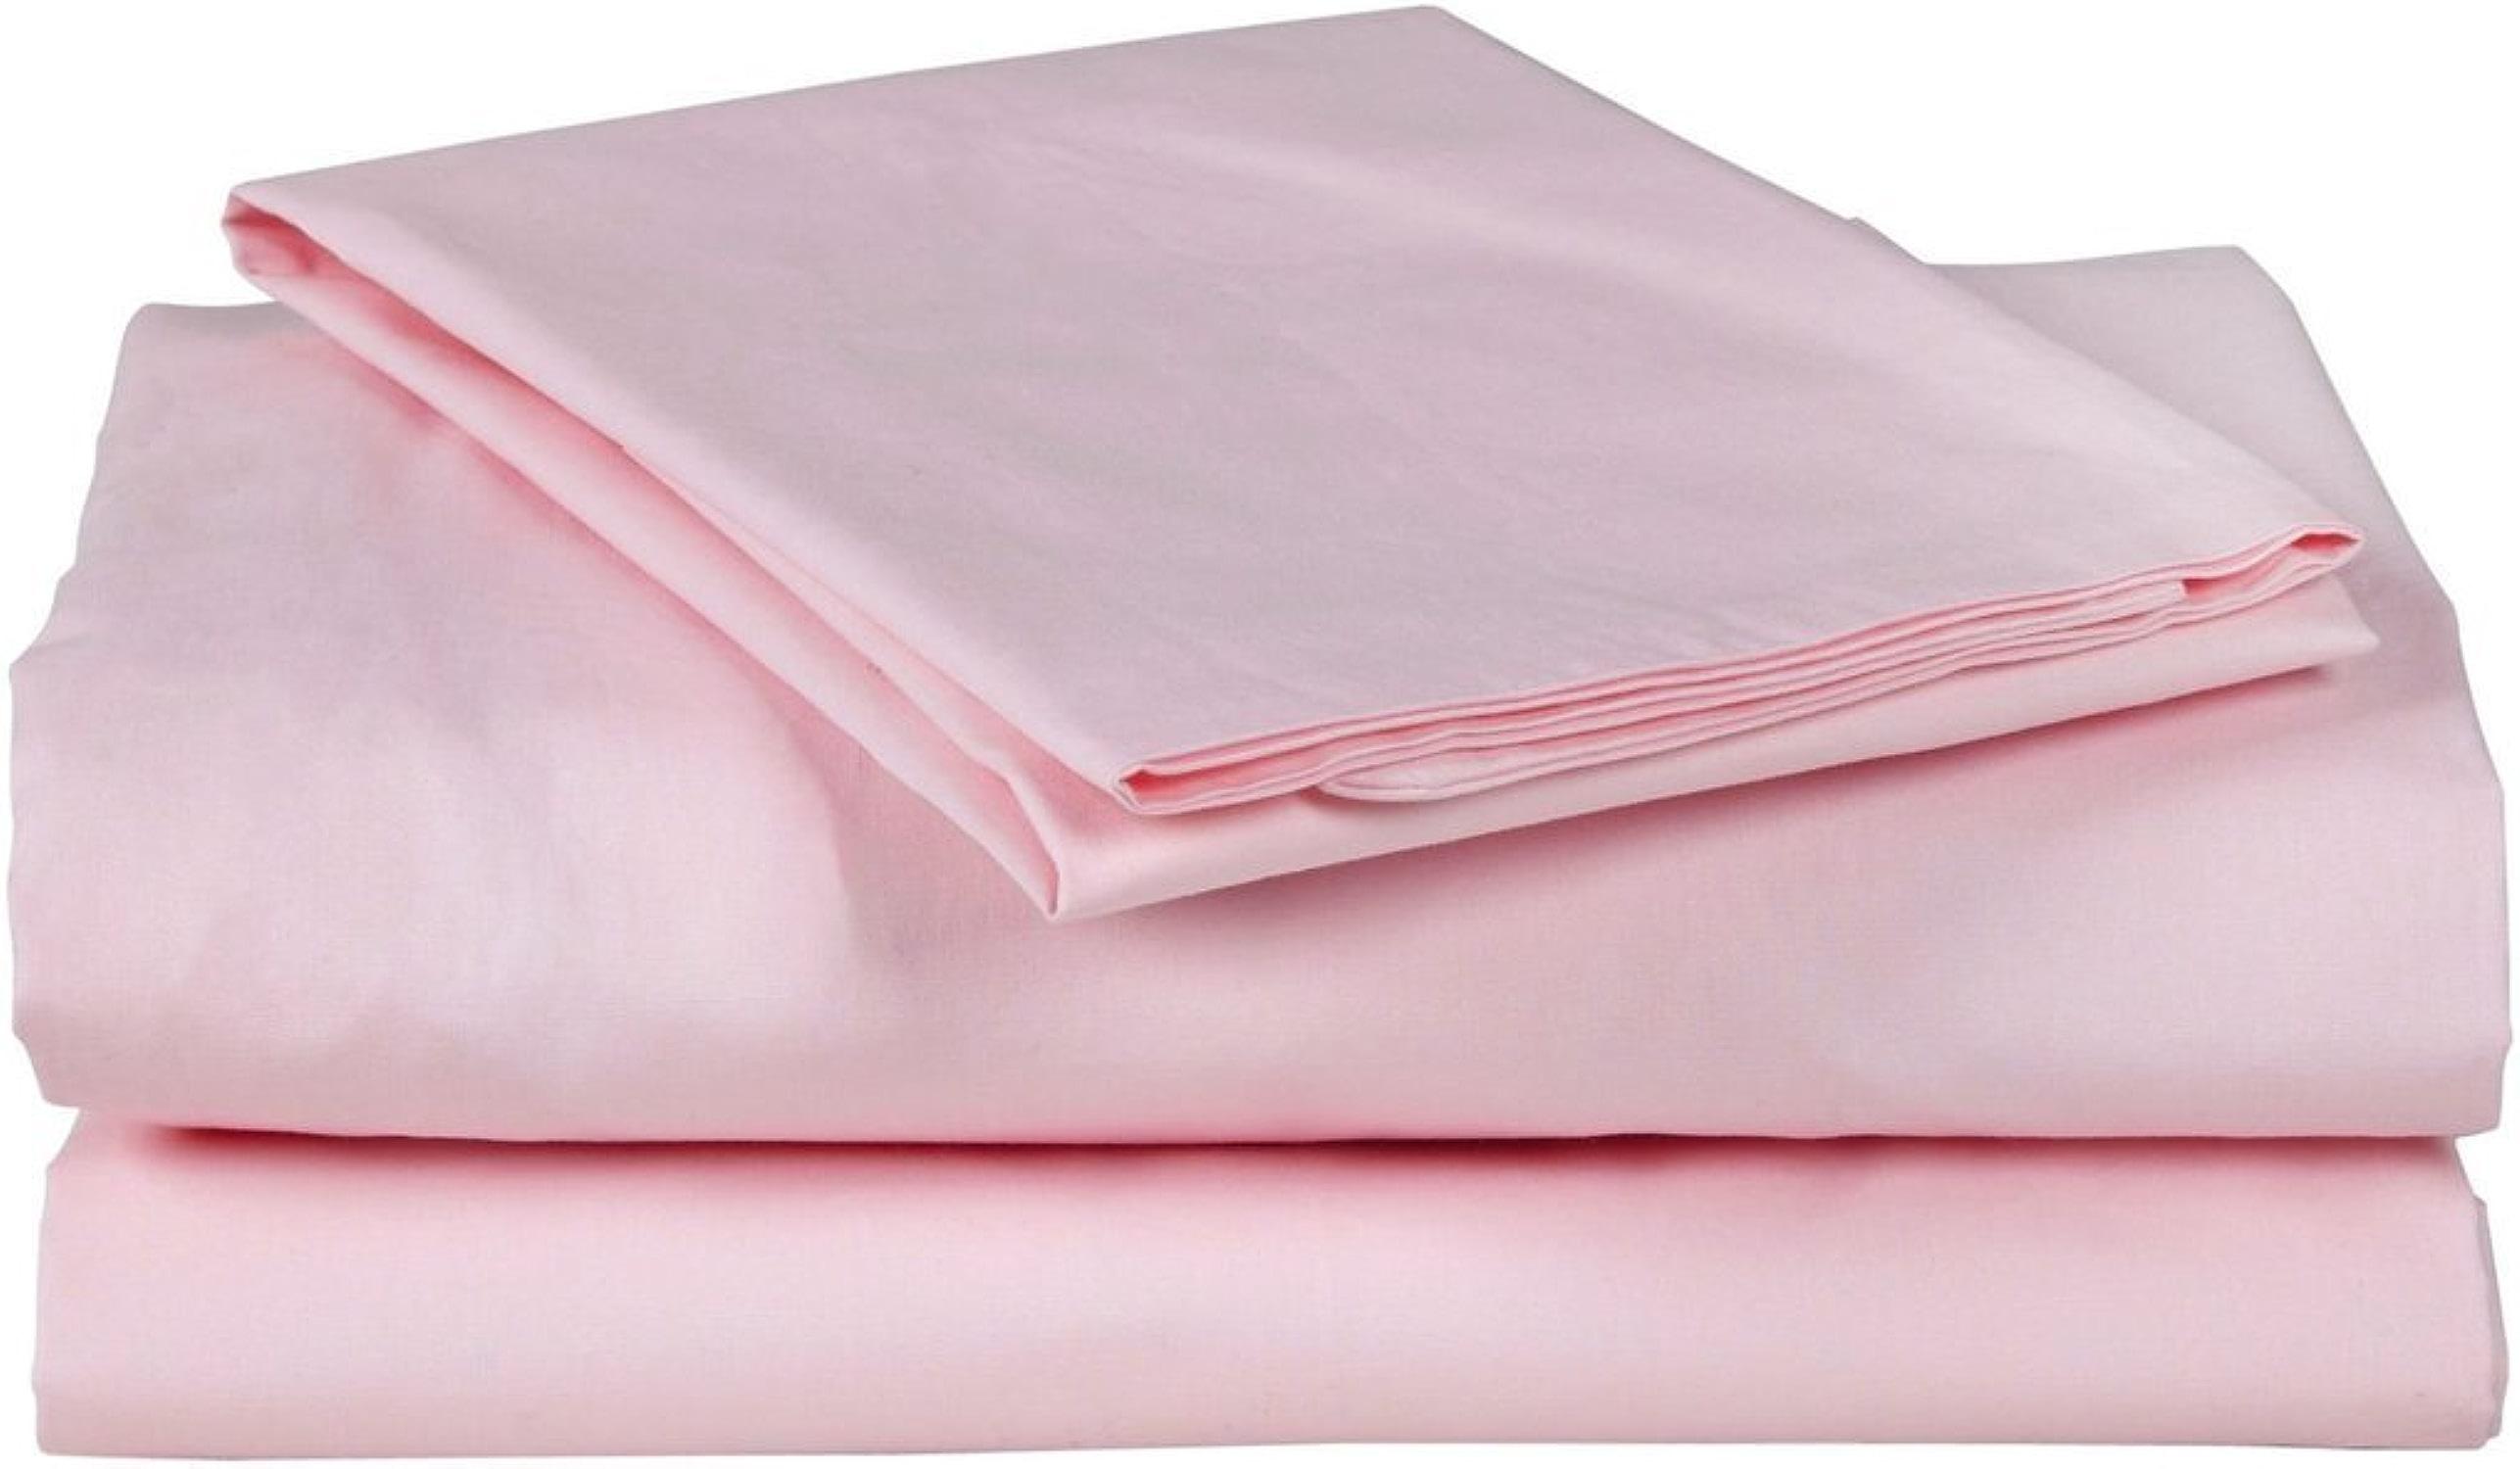 Laxlinens 400fils Feuille de lit en coton égypcravaten 4pièces (+ 45,7cm) poche profonde suppléHommestaire, double, petit double, rose massif